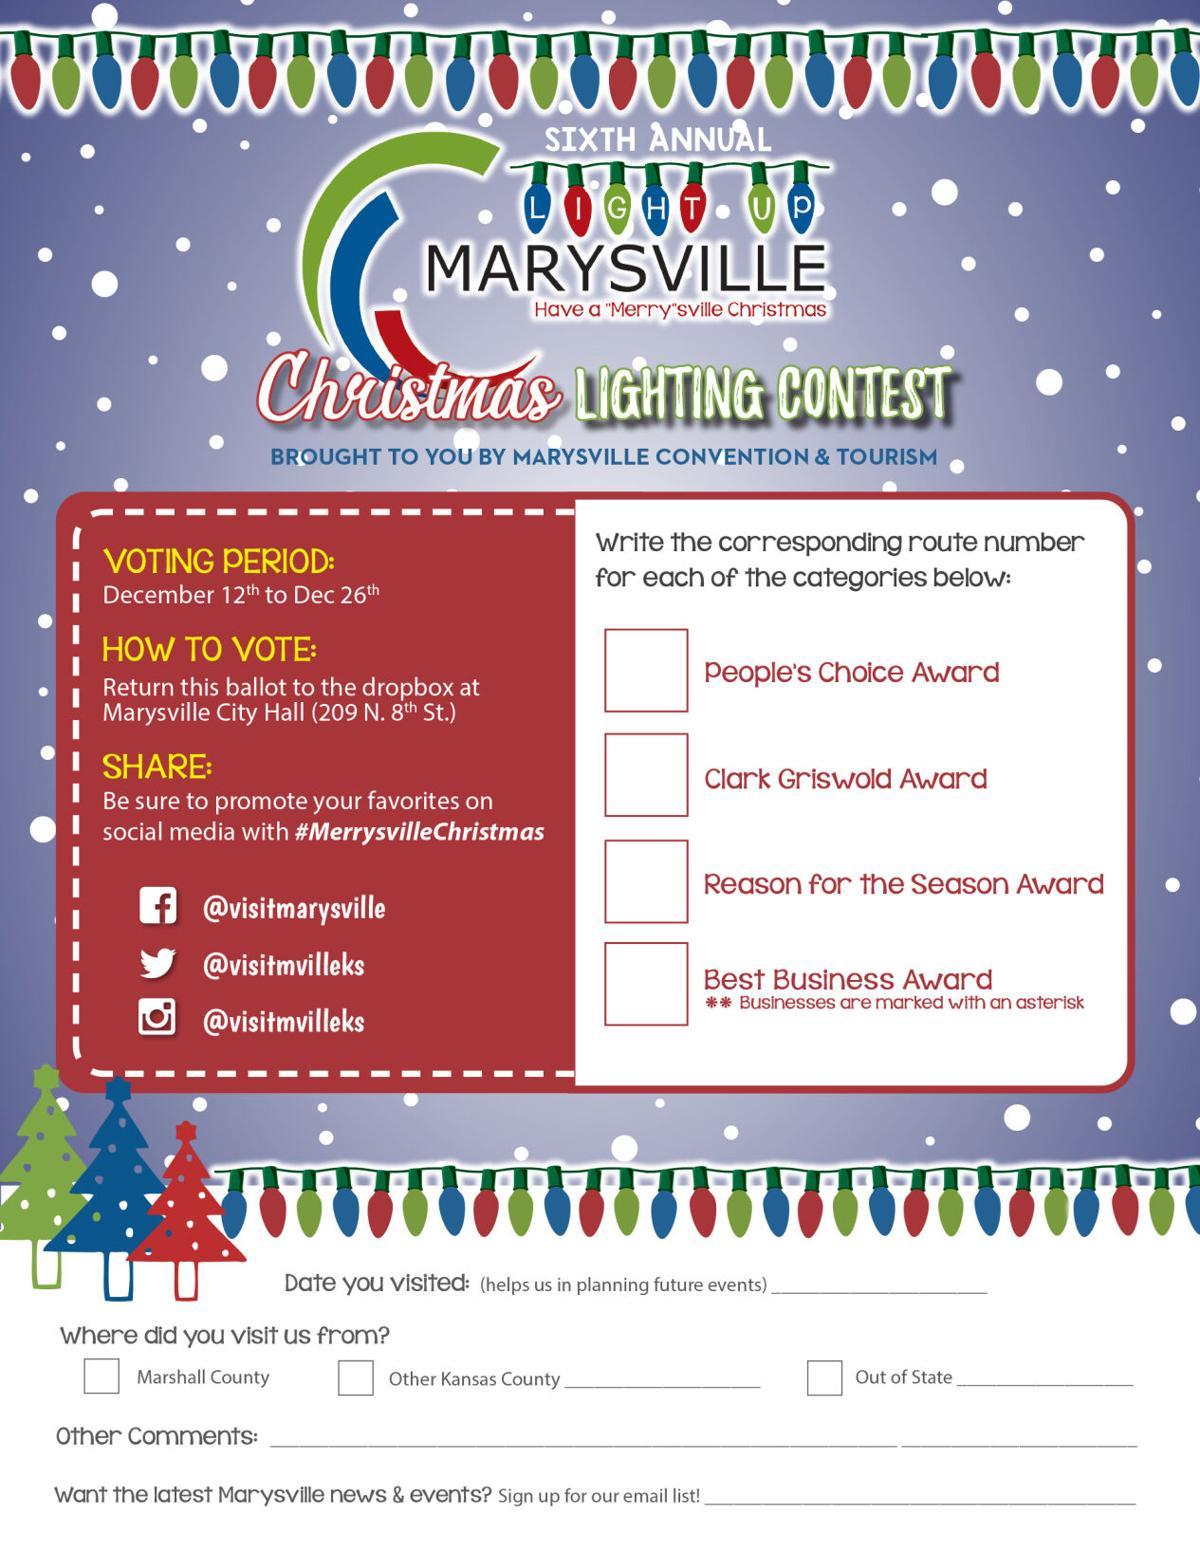 Light Up Marysville! starts Saturday